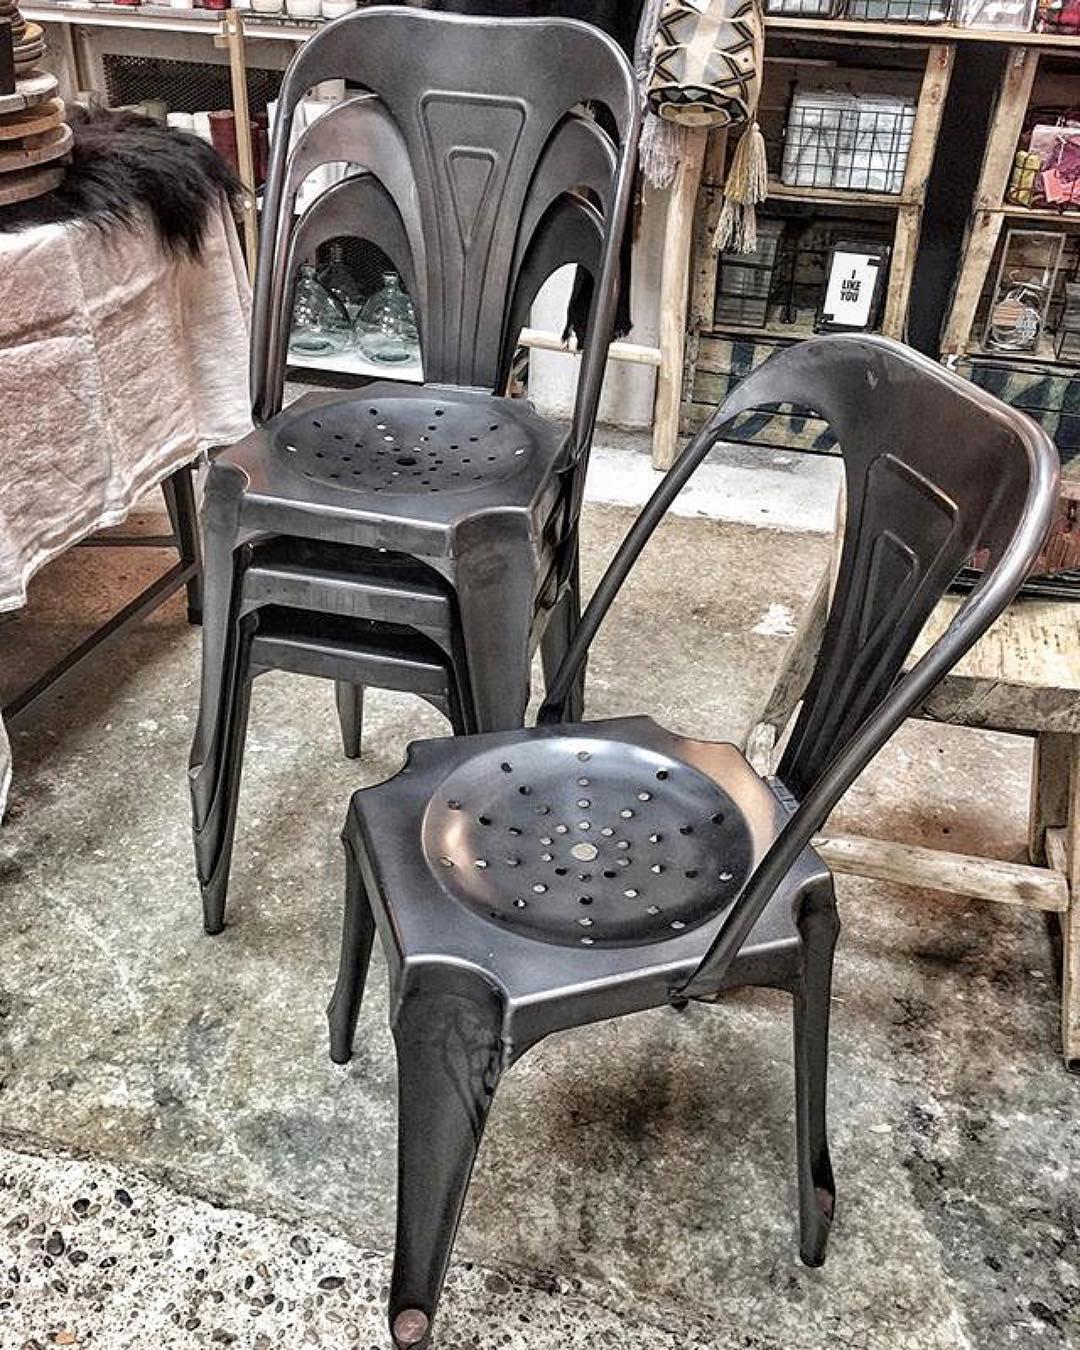 chaise style industriel en métal gris foncé